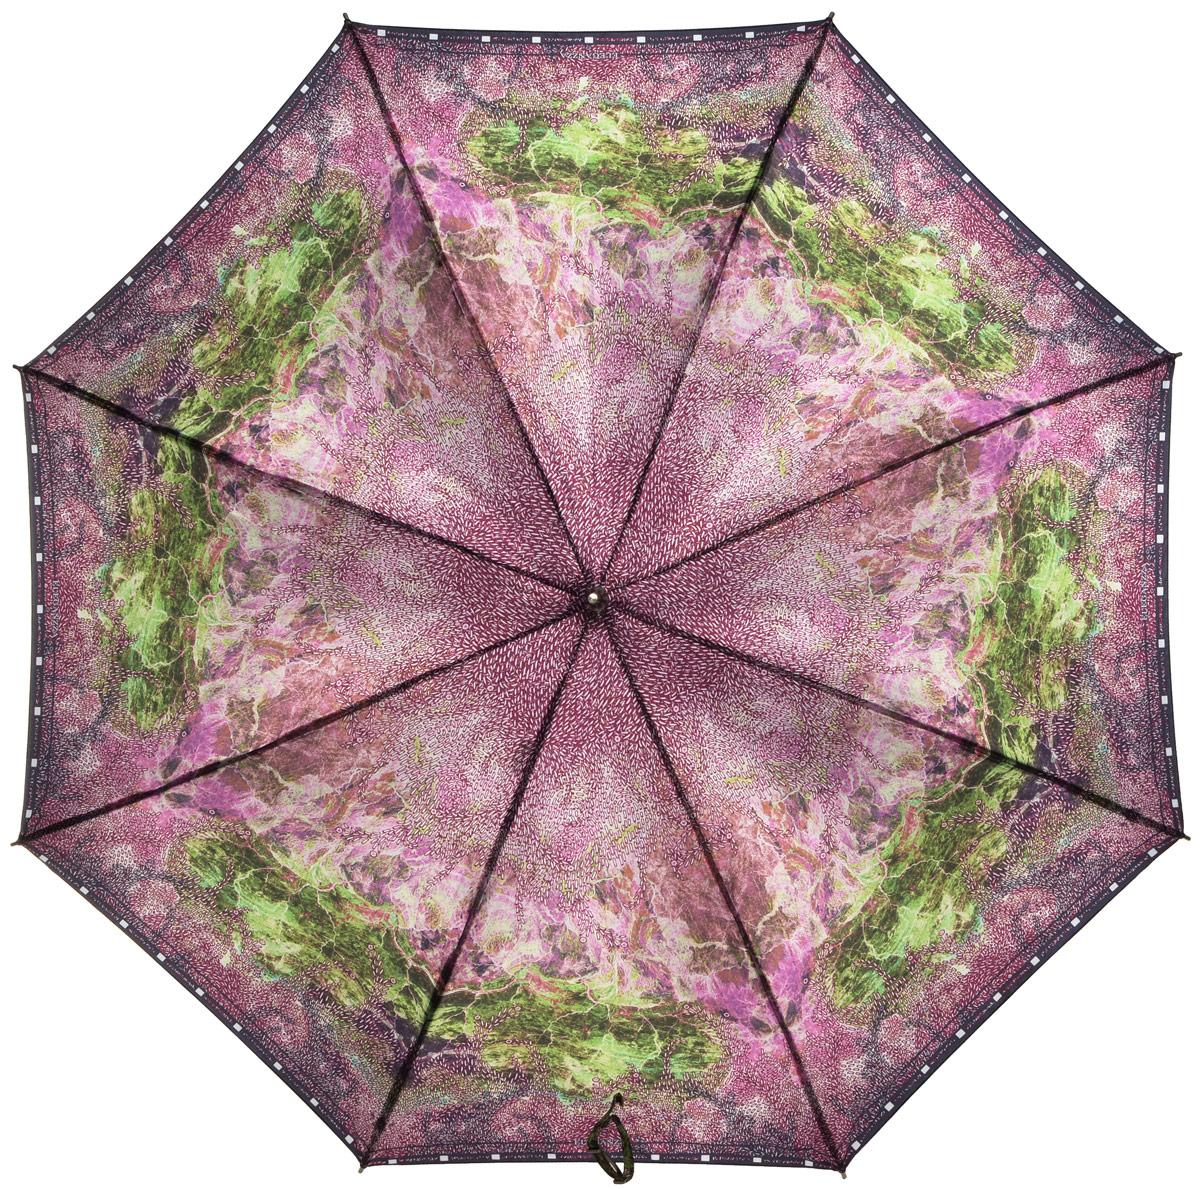 Зонт-трость женский Eleganzza, полуавтомат, 3 сложения, цвет: сиреневый. T-06-0251T-06-0251Элегантный женский зонт-трость Eleganzza не оставит вас незамеченной. Изделие оформлено оригинальным принтом. Зонт состоит из восьми спиц и стержня, изготовленных из стали и фибергласса. Купол выполнен из качественного полиэстера и сатина, которые не пропускают воду. Зонт дополнен удобной ручкой из акрила, которая имеет форму крючка. Также зонт имеет заостренный наконечник, который устраняет попадание воды на стержень и уберегает зонт от повреждений. Изделие имеет полуавтоматический механизм сложения: купол открывается нажатием кнопки на ручке, а складывается вручную до характерного щелчка. Оригинальный и практичный аксессуар даже в ненастную погоду позволит вам оставаться женственной и привлекательной.